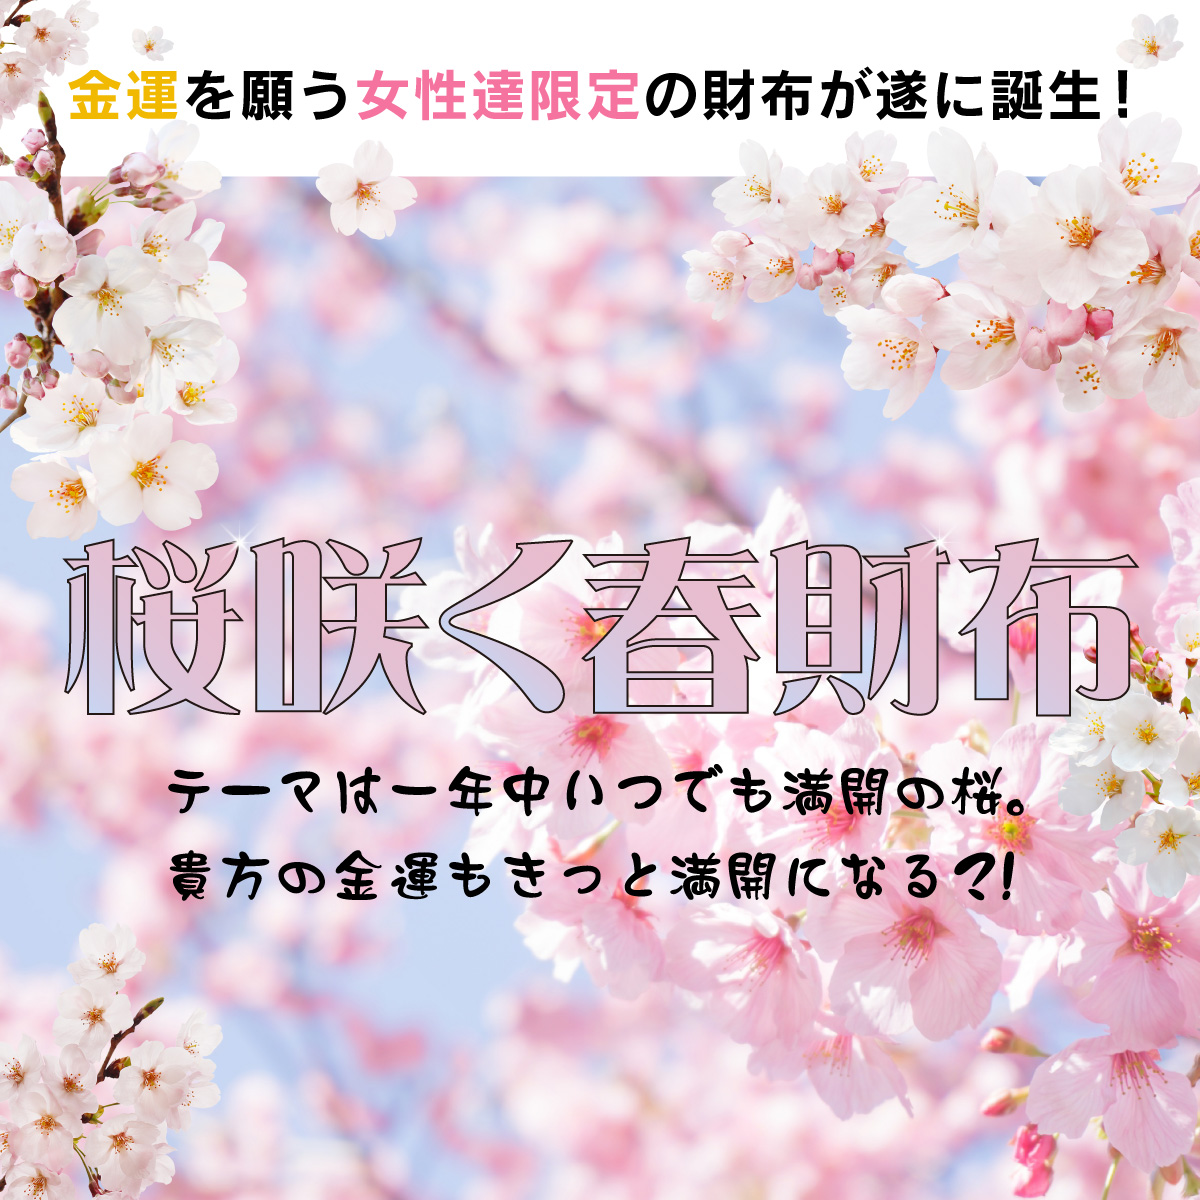 桜咲く春財布 ≫全体運の向上